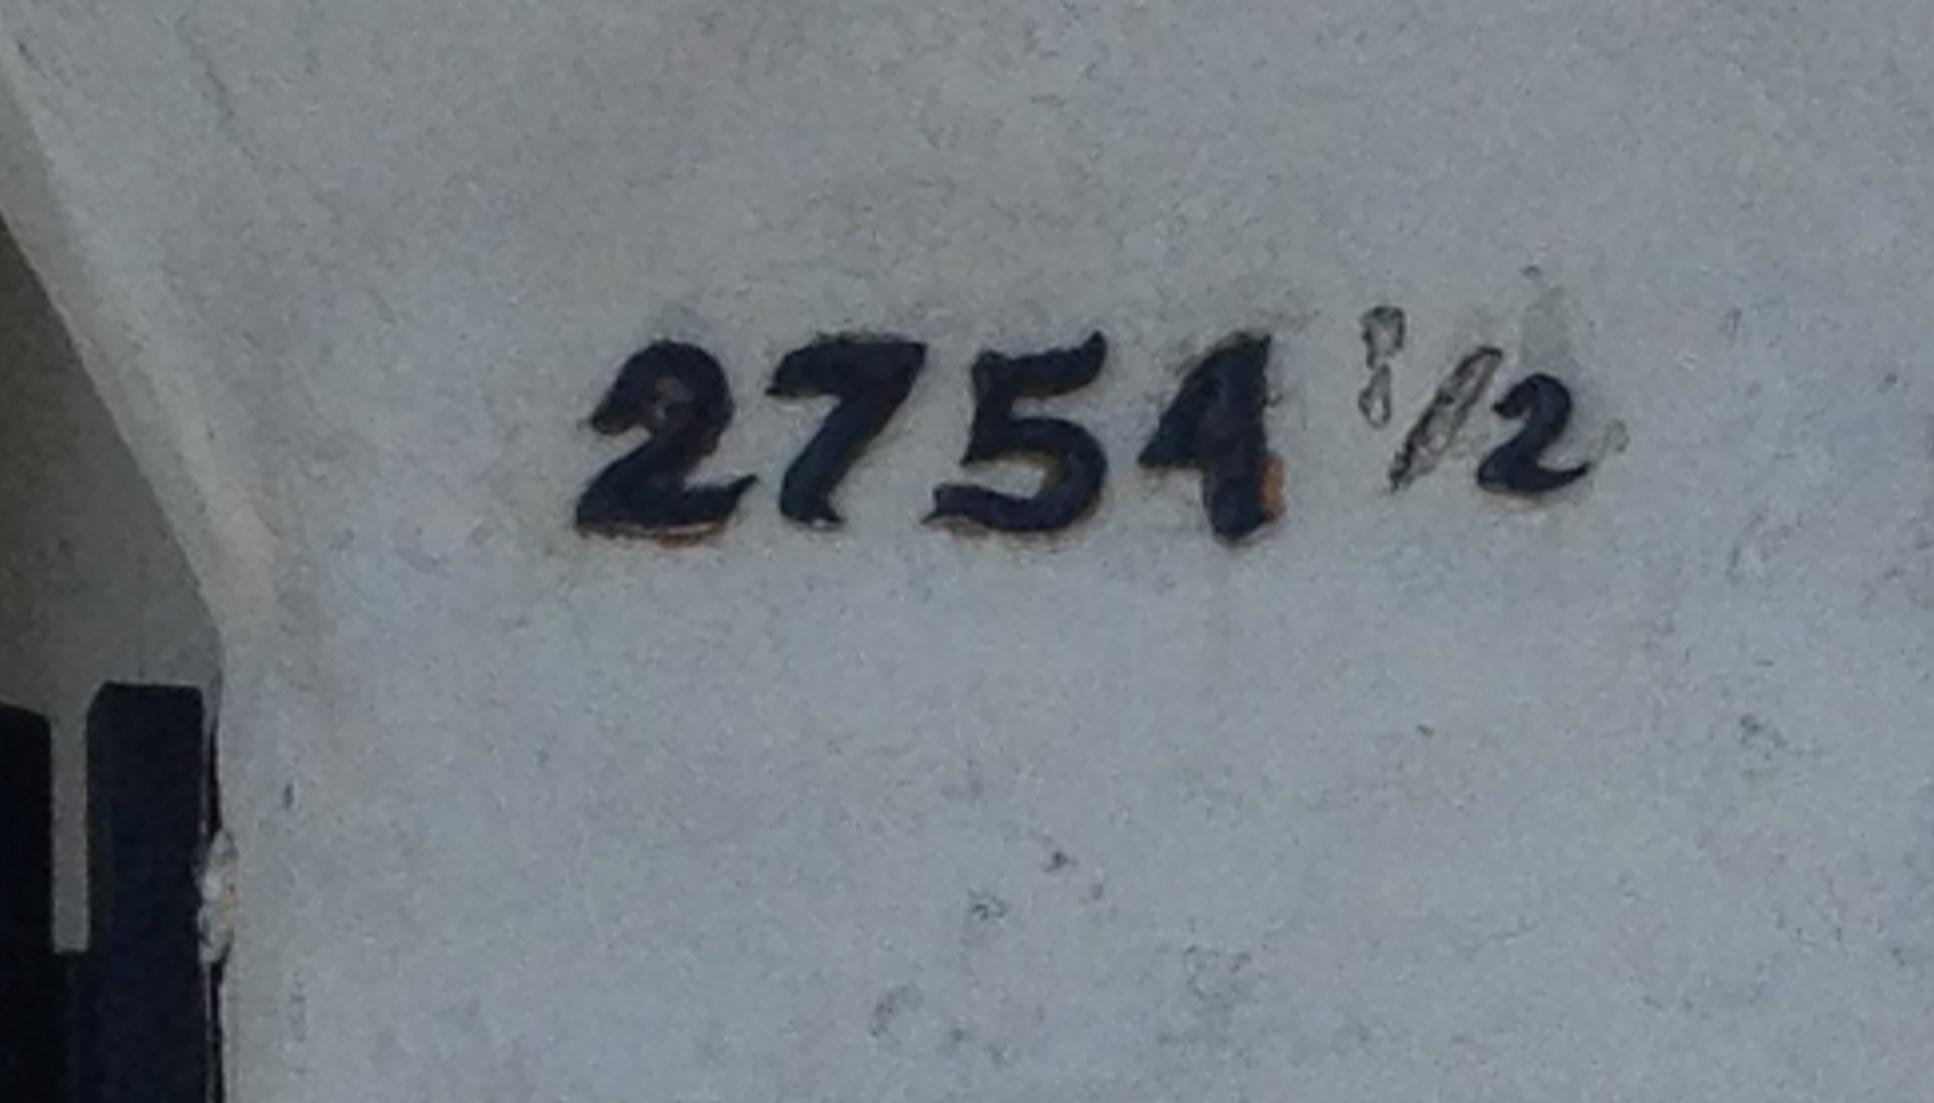 2754 1/2 Dohr